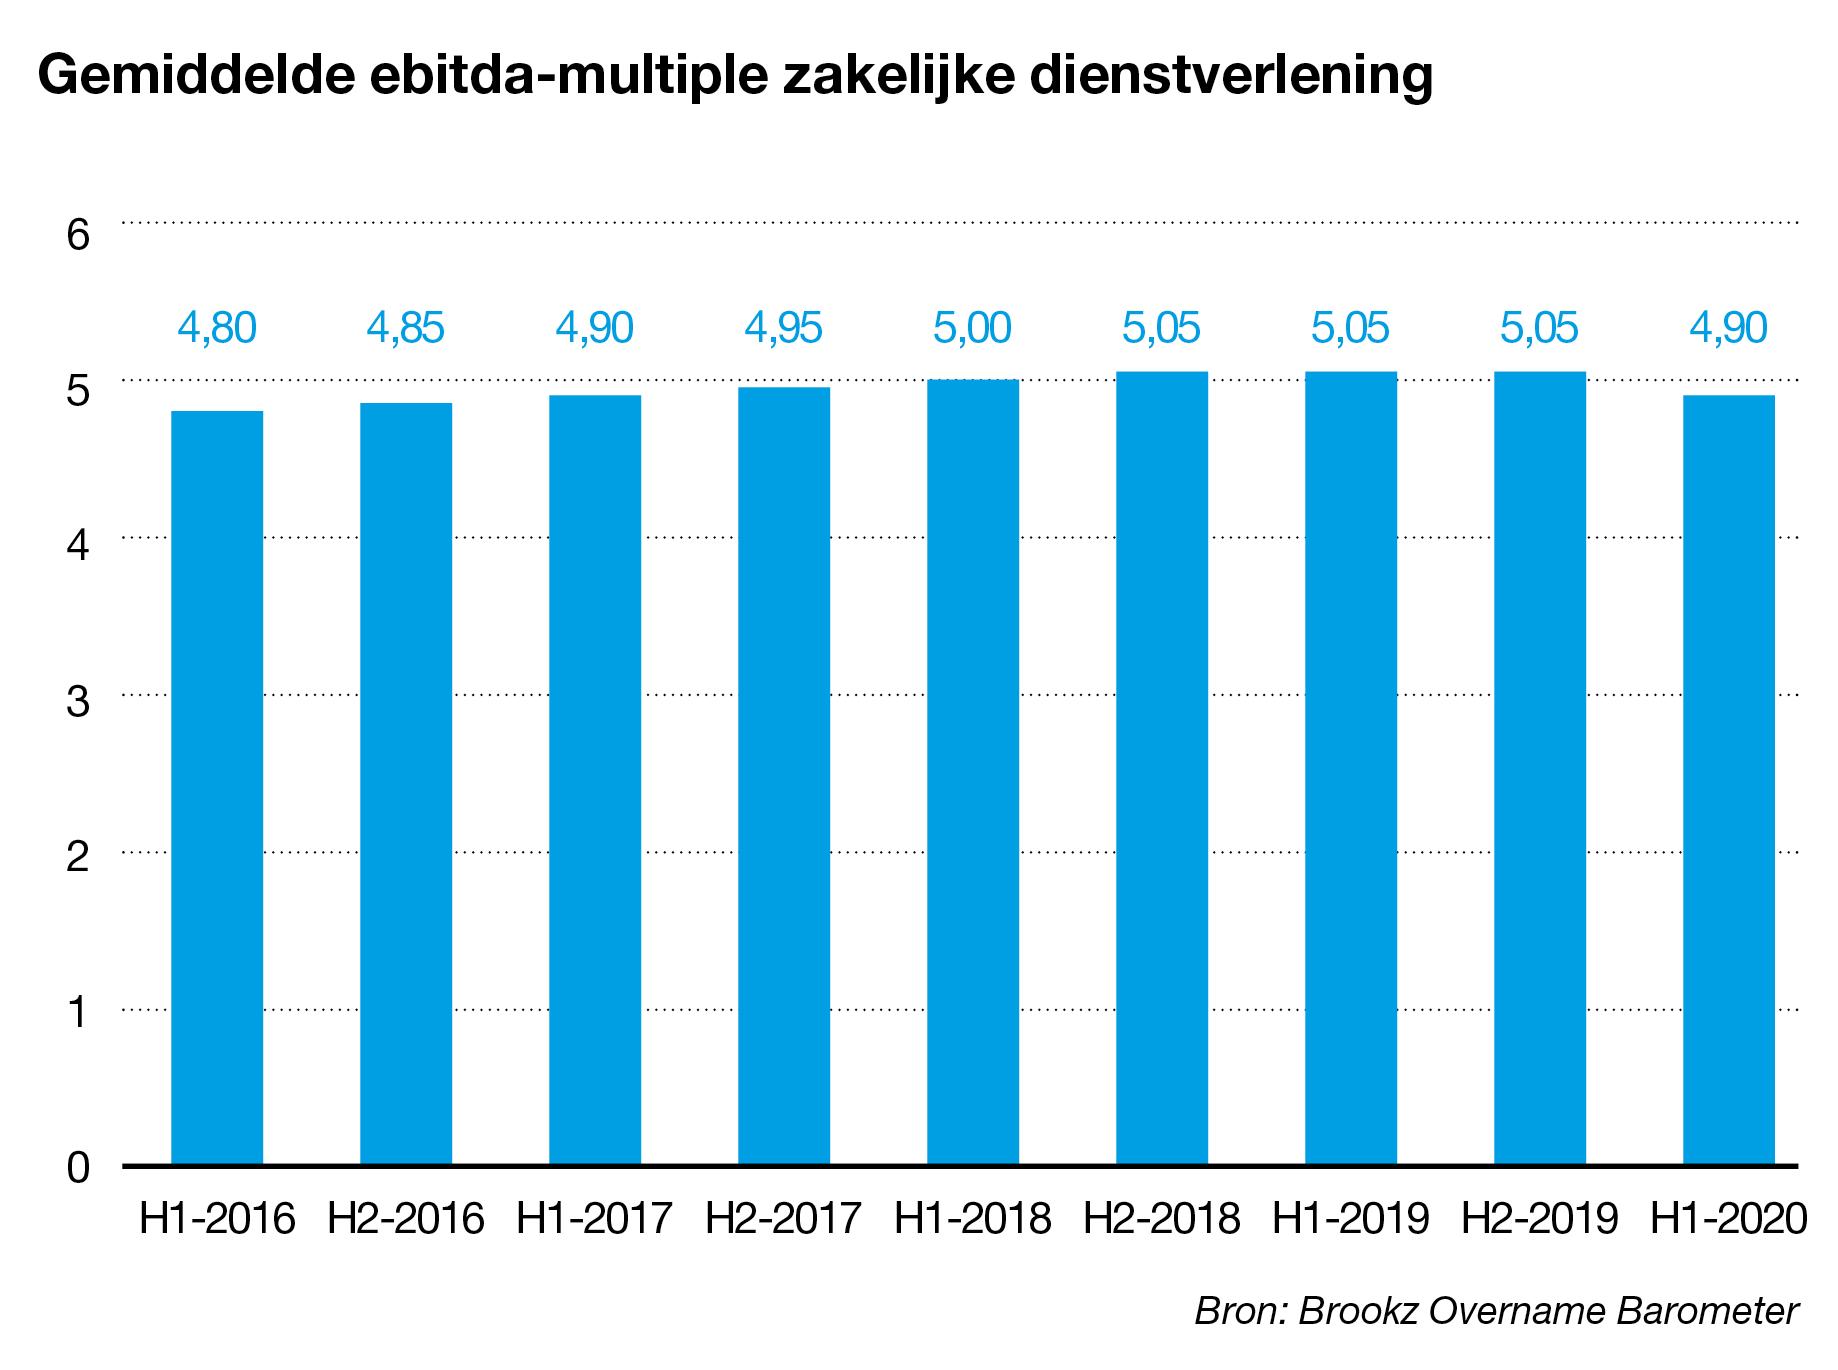 Ebitda-multiple zakelijke dienstverlening